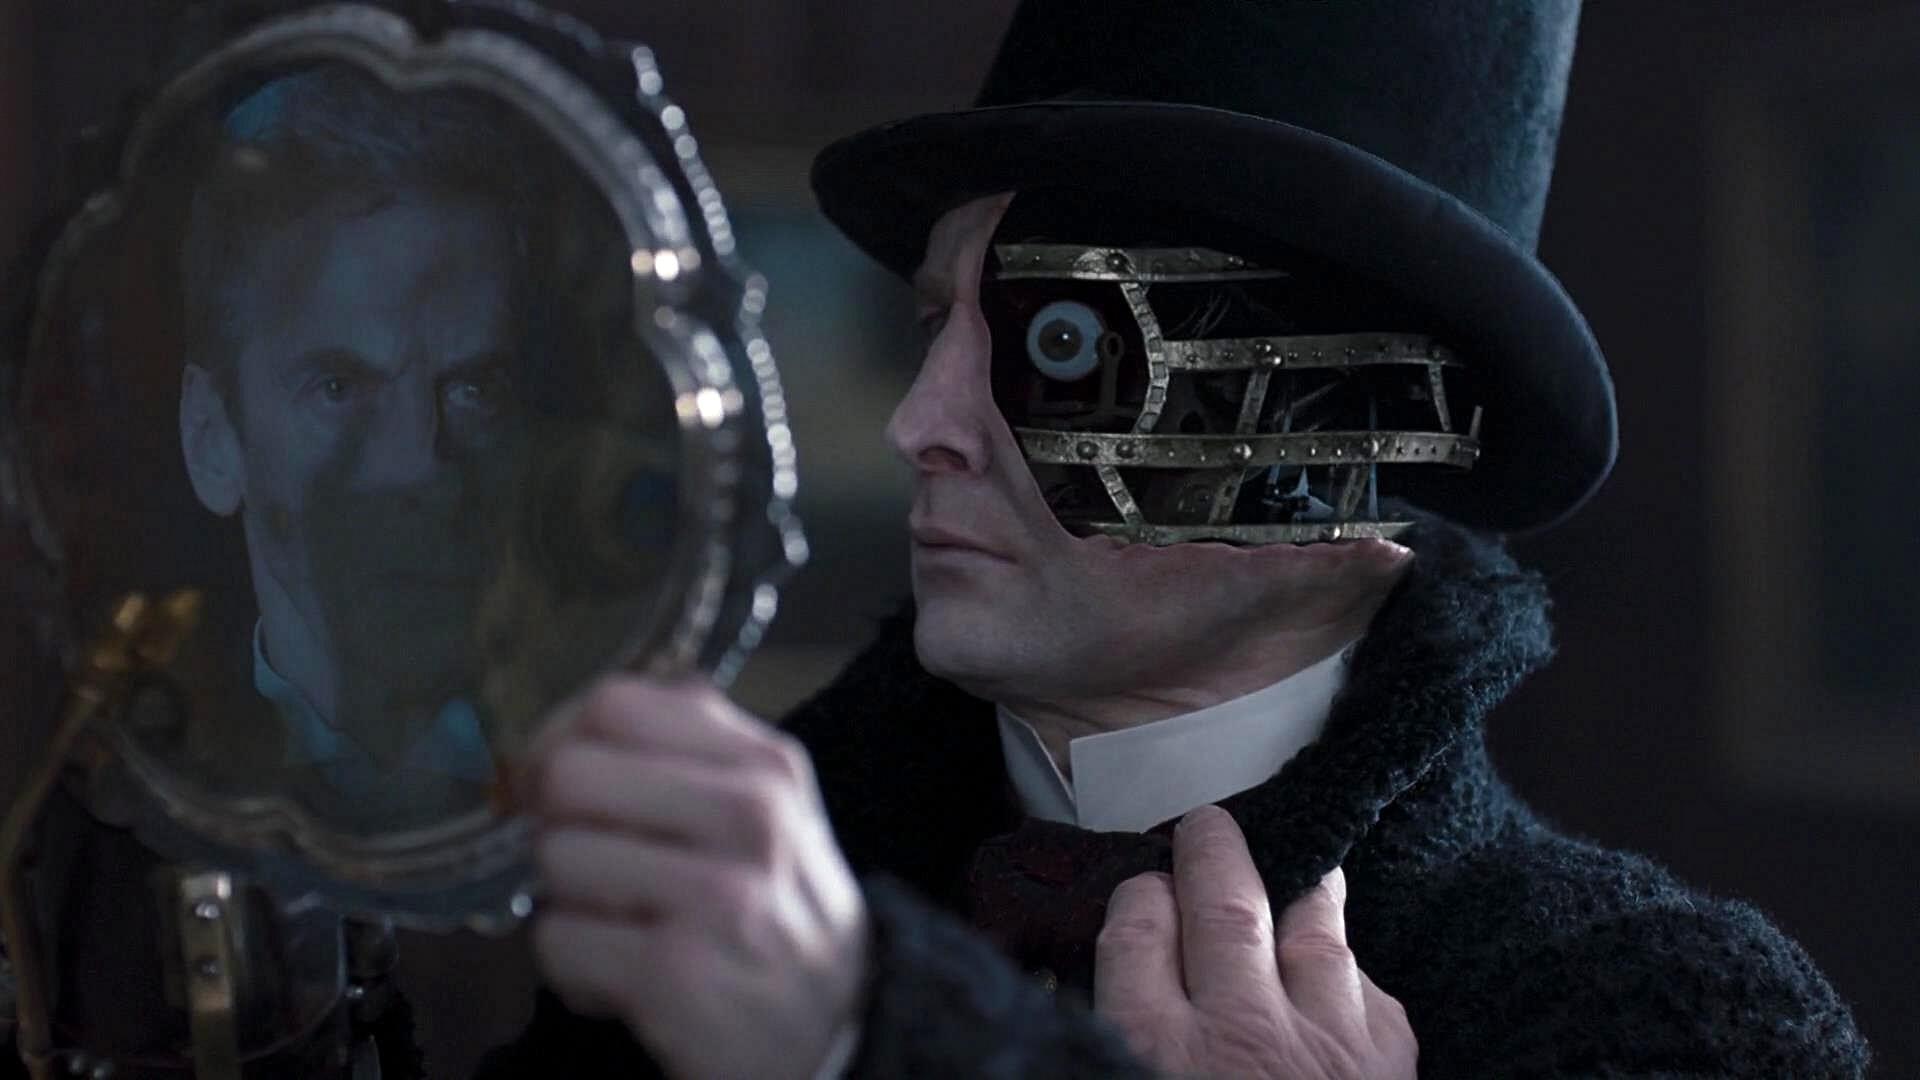 Будучи существом, циклично заменяющим свое умирающее тело на новое, Доктор как никто другой понимает большее зло и убеждает антагониста, что он уже совсем не тот, кем (чем) был когда-то.